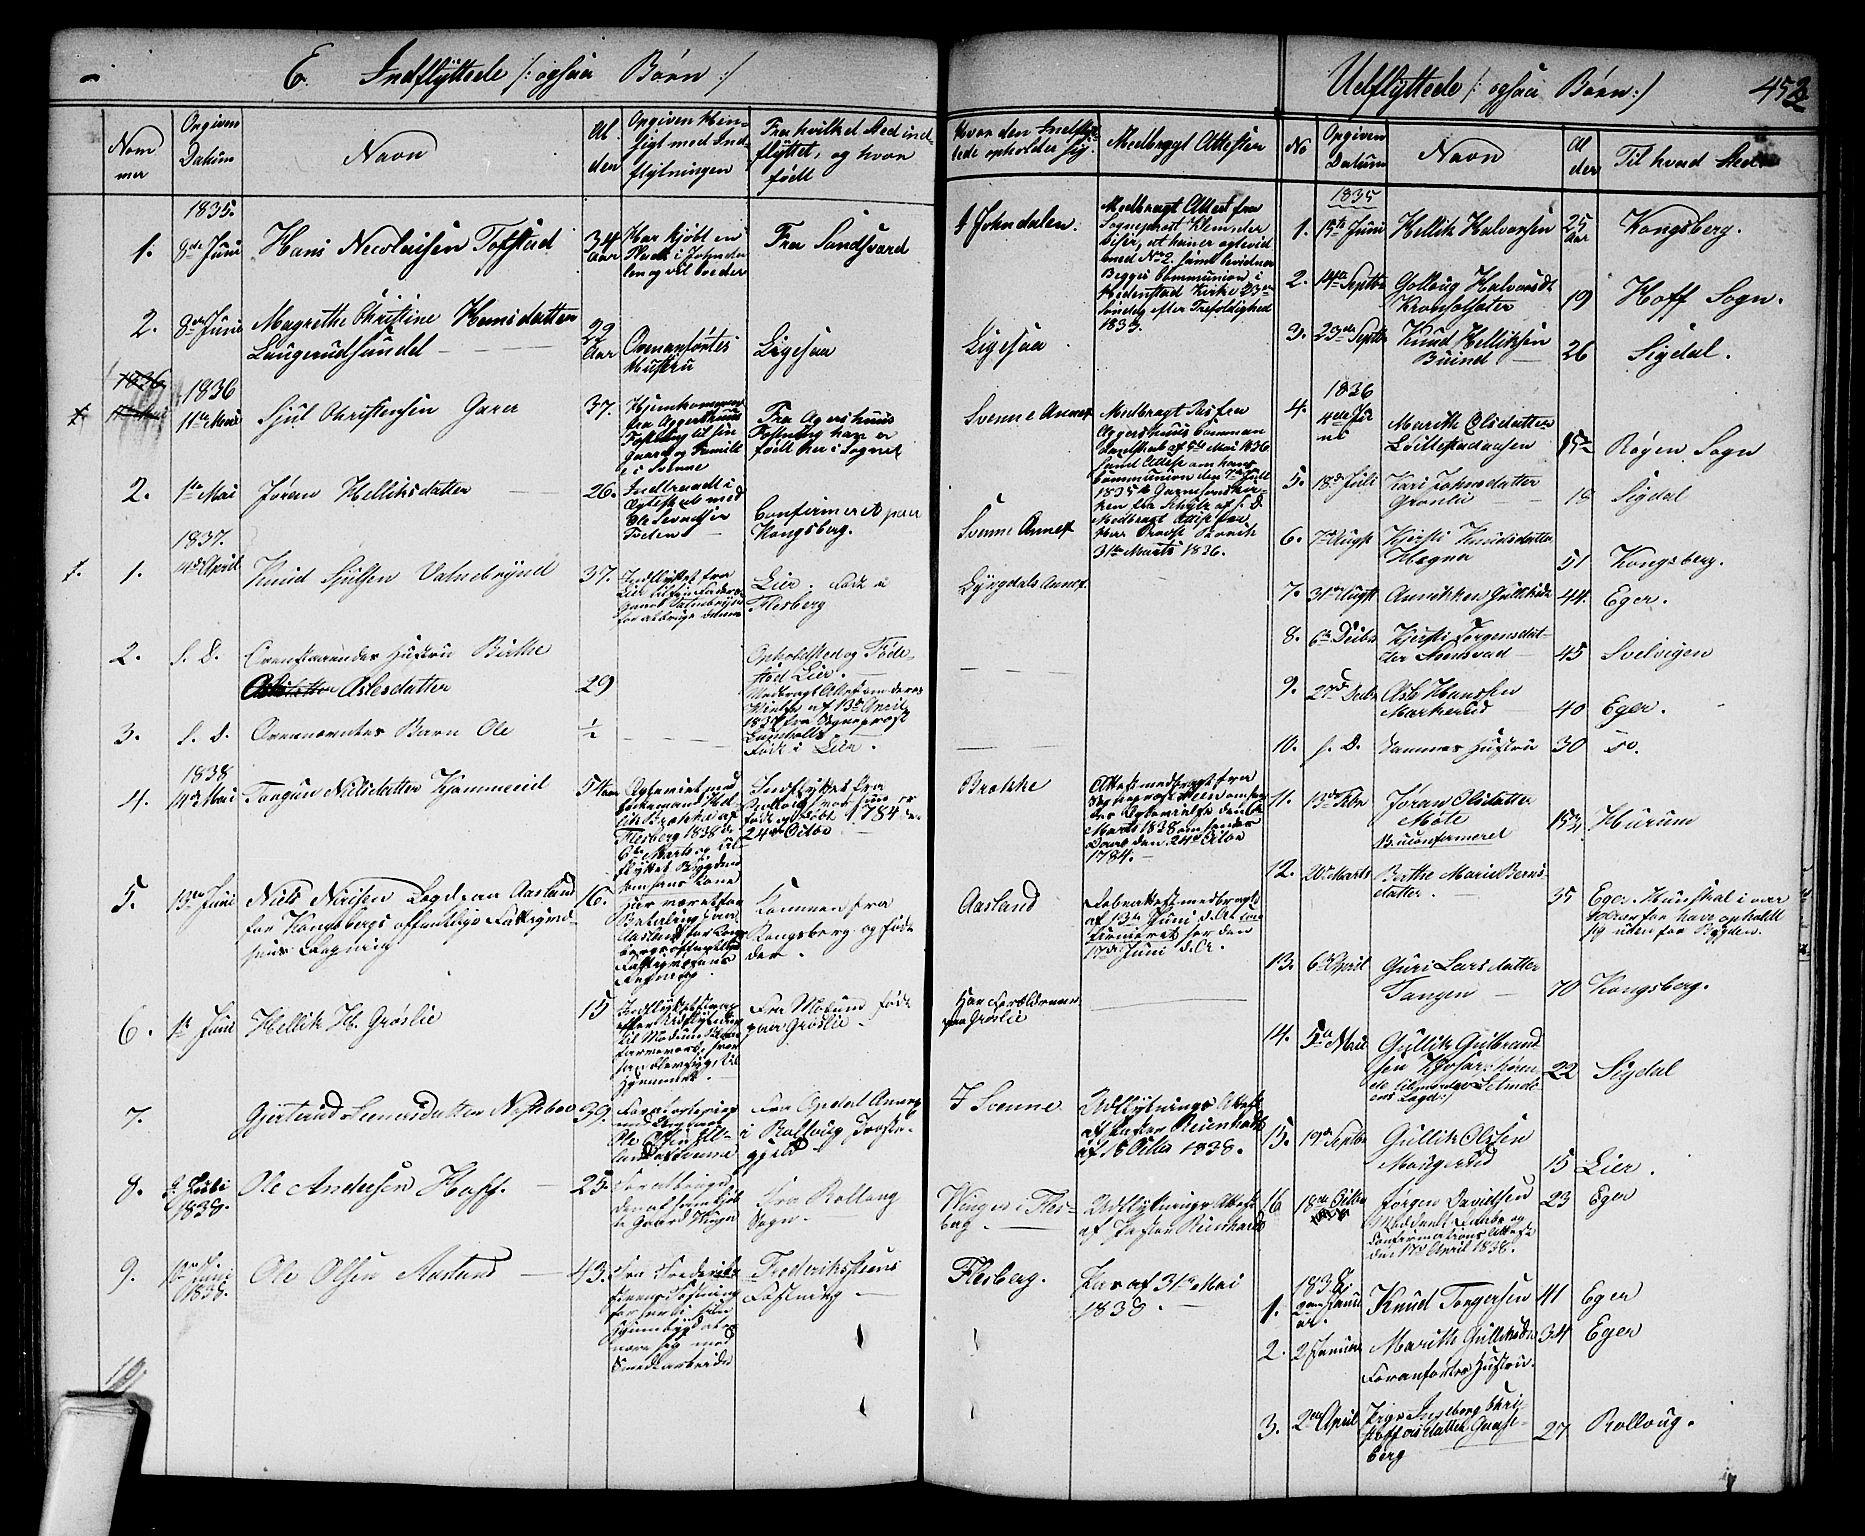 SAKO, Flesberg kirkebøker, G/Ga/L0002: Klokkerbok nr. I 2, 1834-1860, s. 453